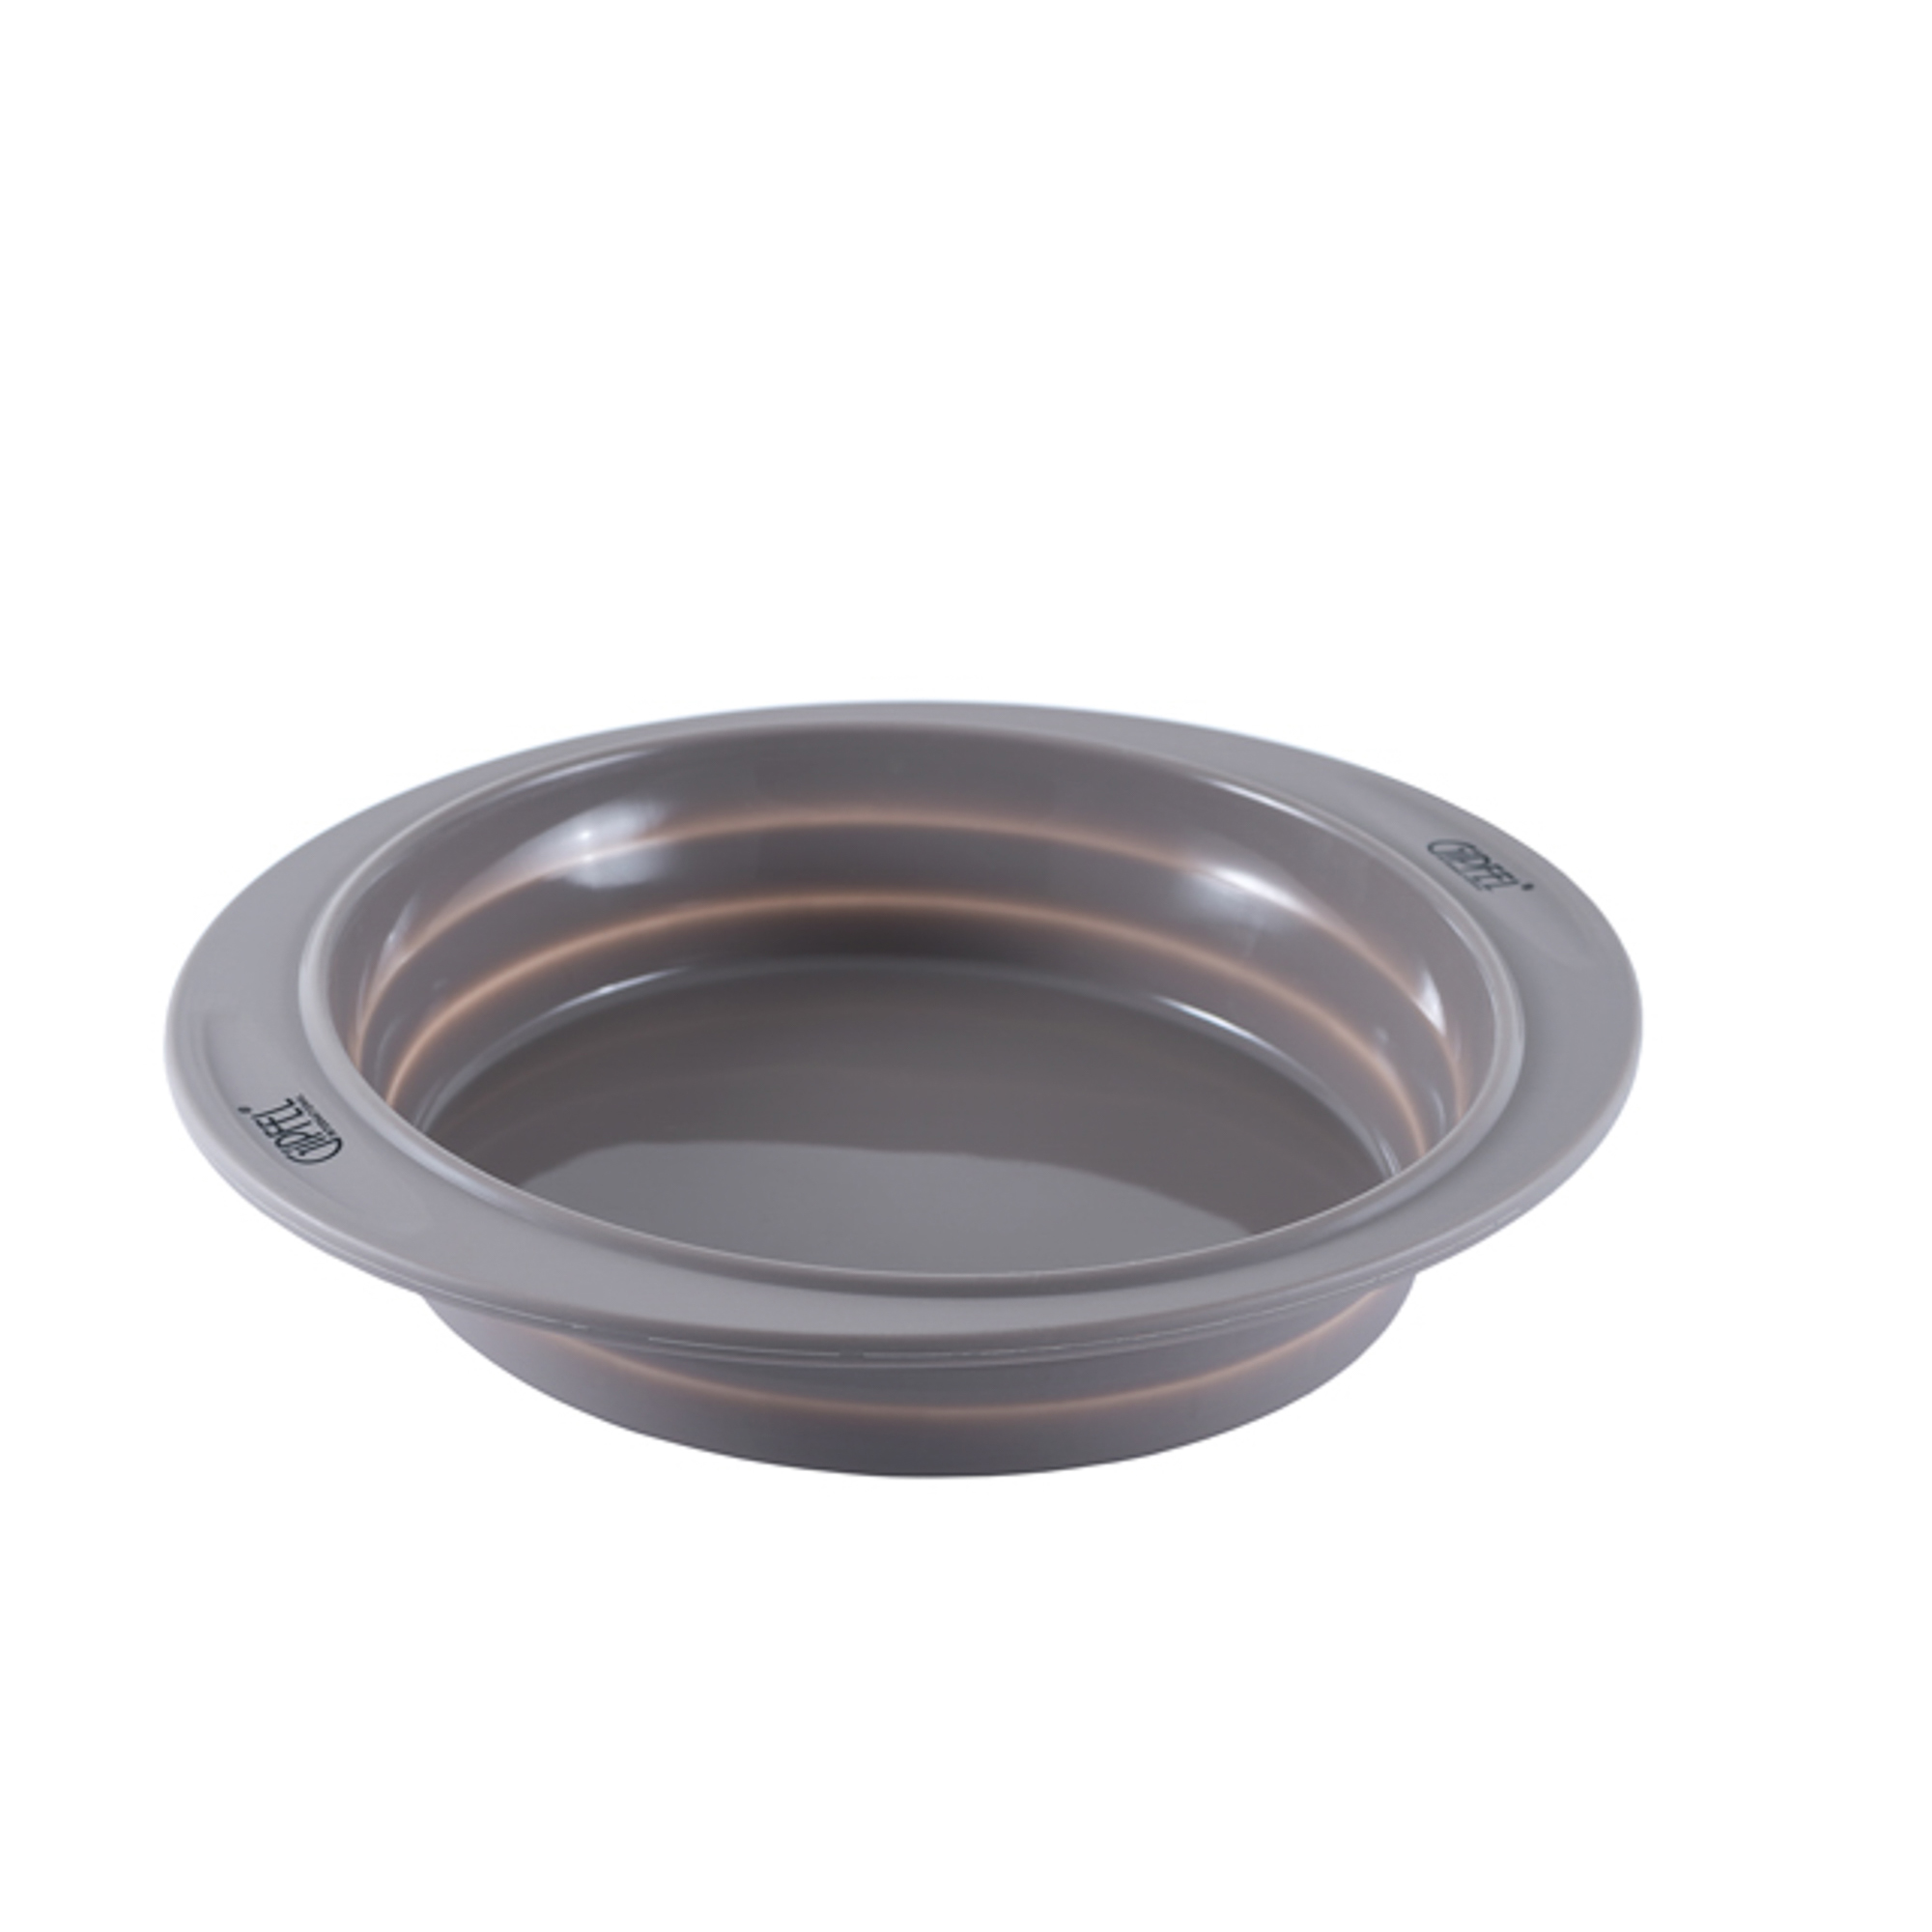 Купить со скидкой Форма для выпечки круглая Gipfel eco 2522